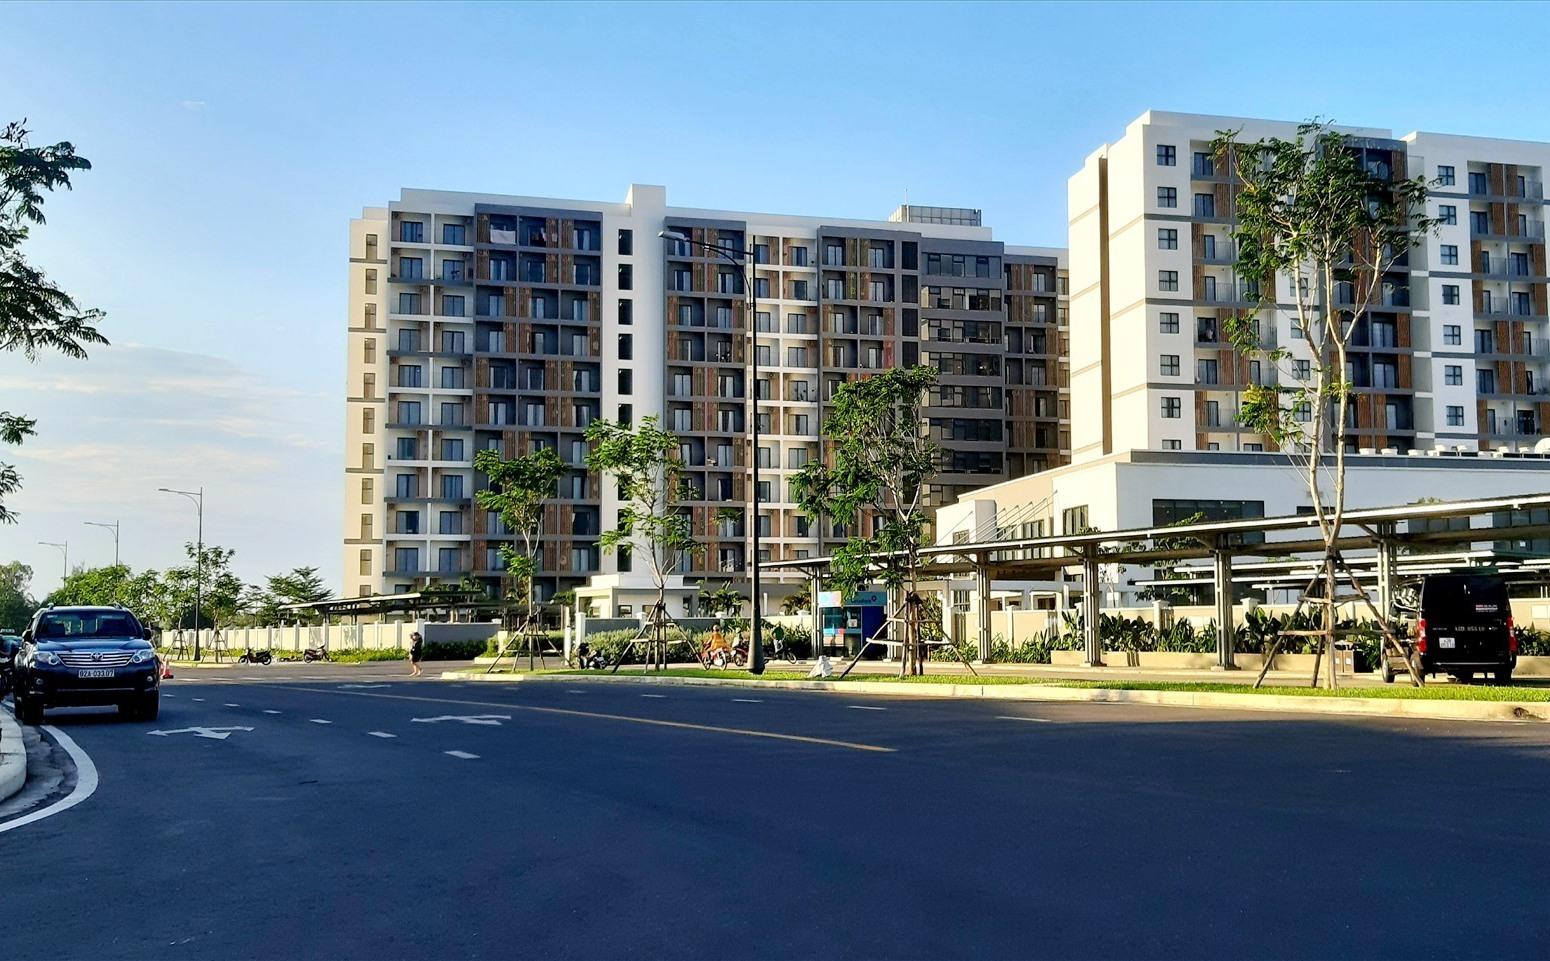 Dự án Khu nghỉ dưỡng Nam Hội An đầu tư vào địa bàn đã tạo động lực lớn cho Duy Hải phát triển mạnh theo hướng đô thị. Ảnh: T.S